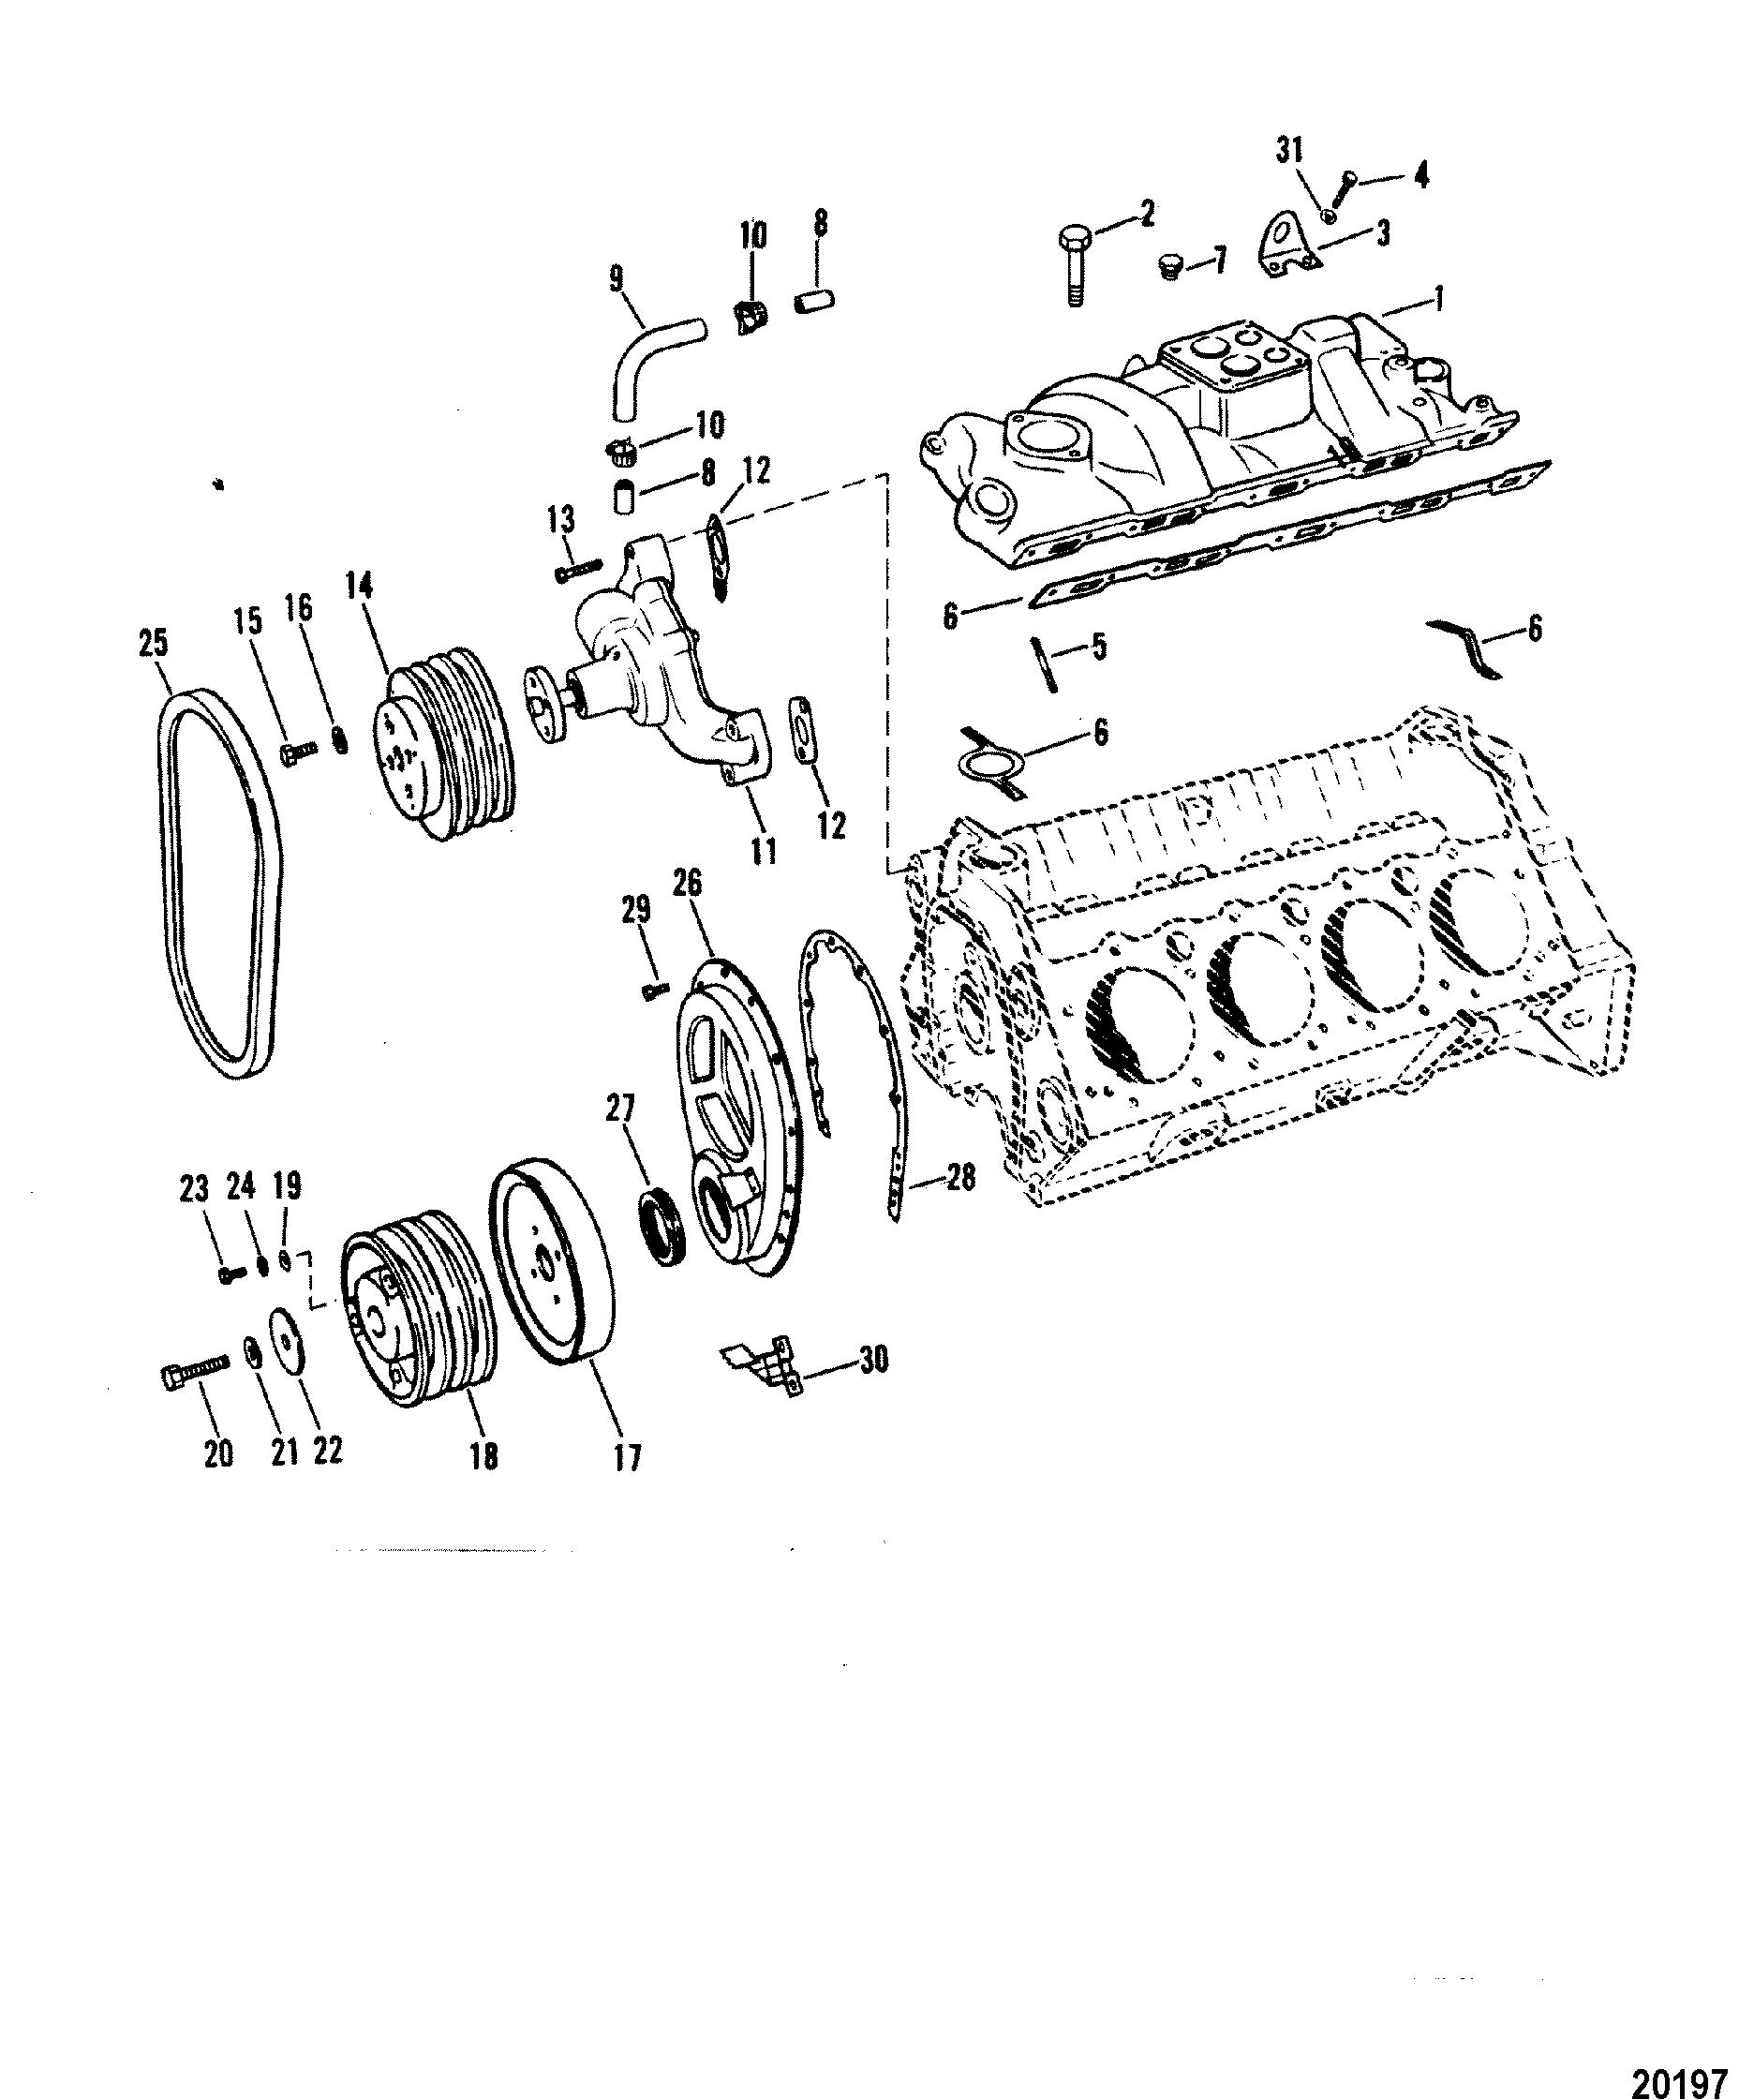 90 Degree Oil Filter Adapter